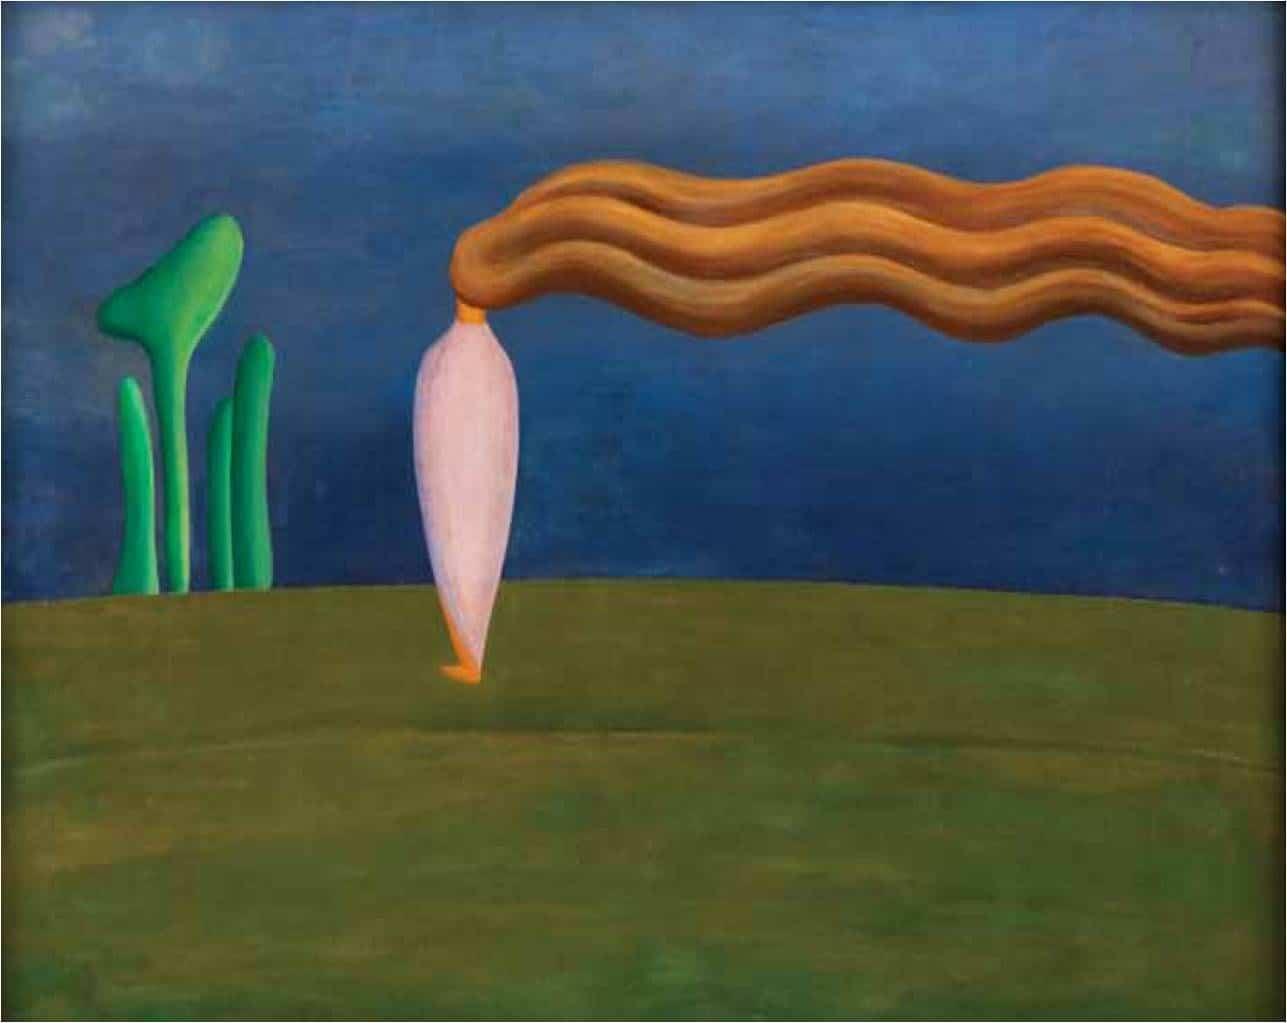 Figura só. Obra de Tarsila do Amaral que retrata um momento reflexivo da artista